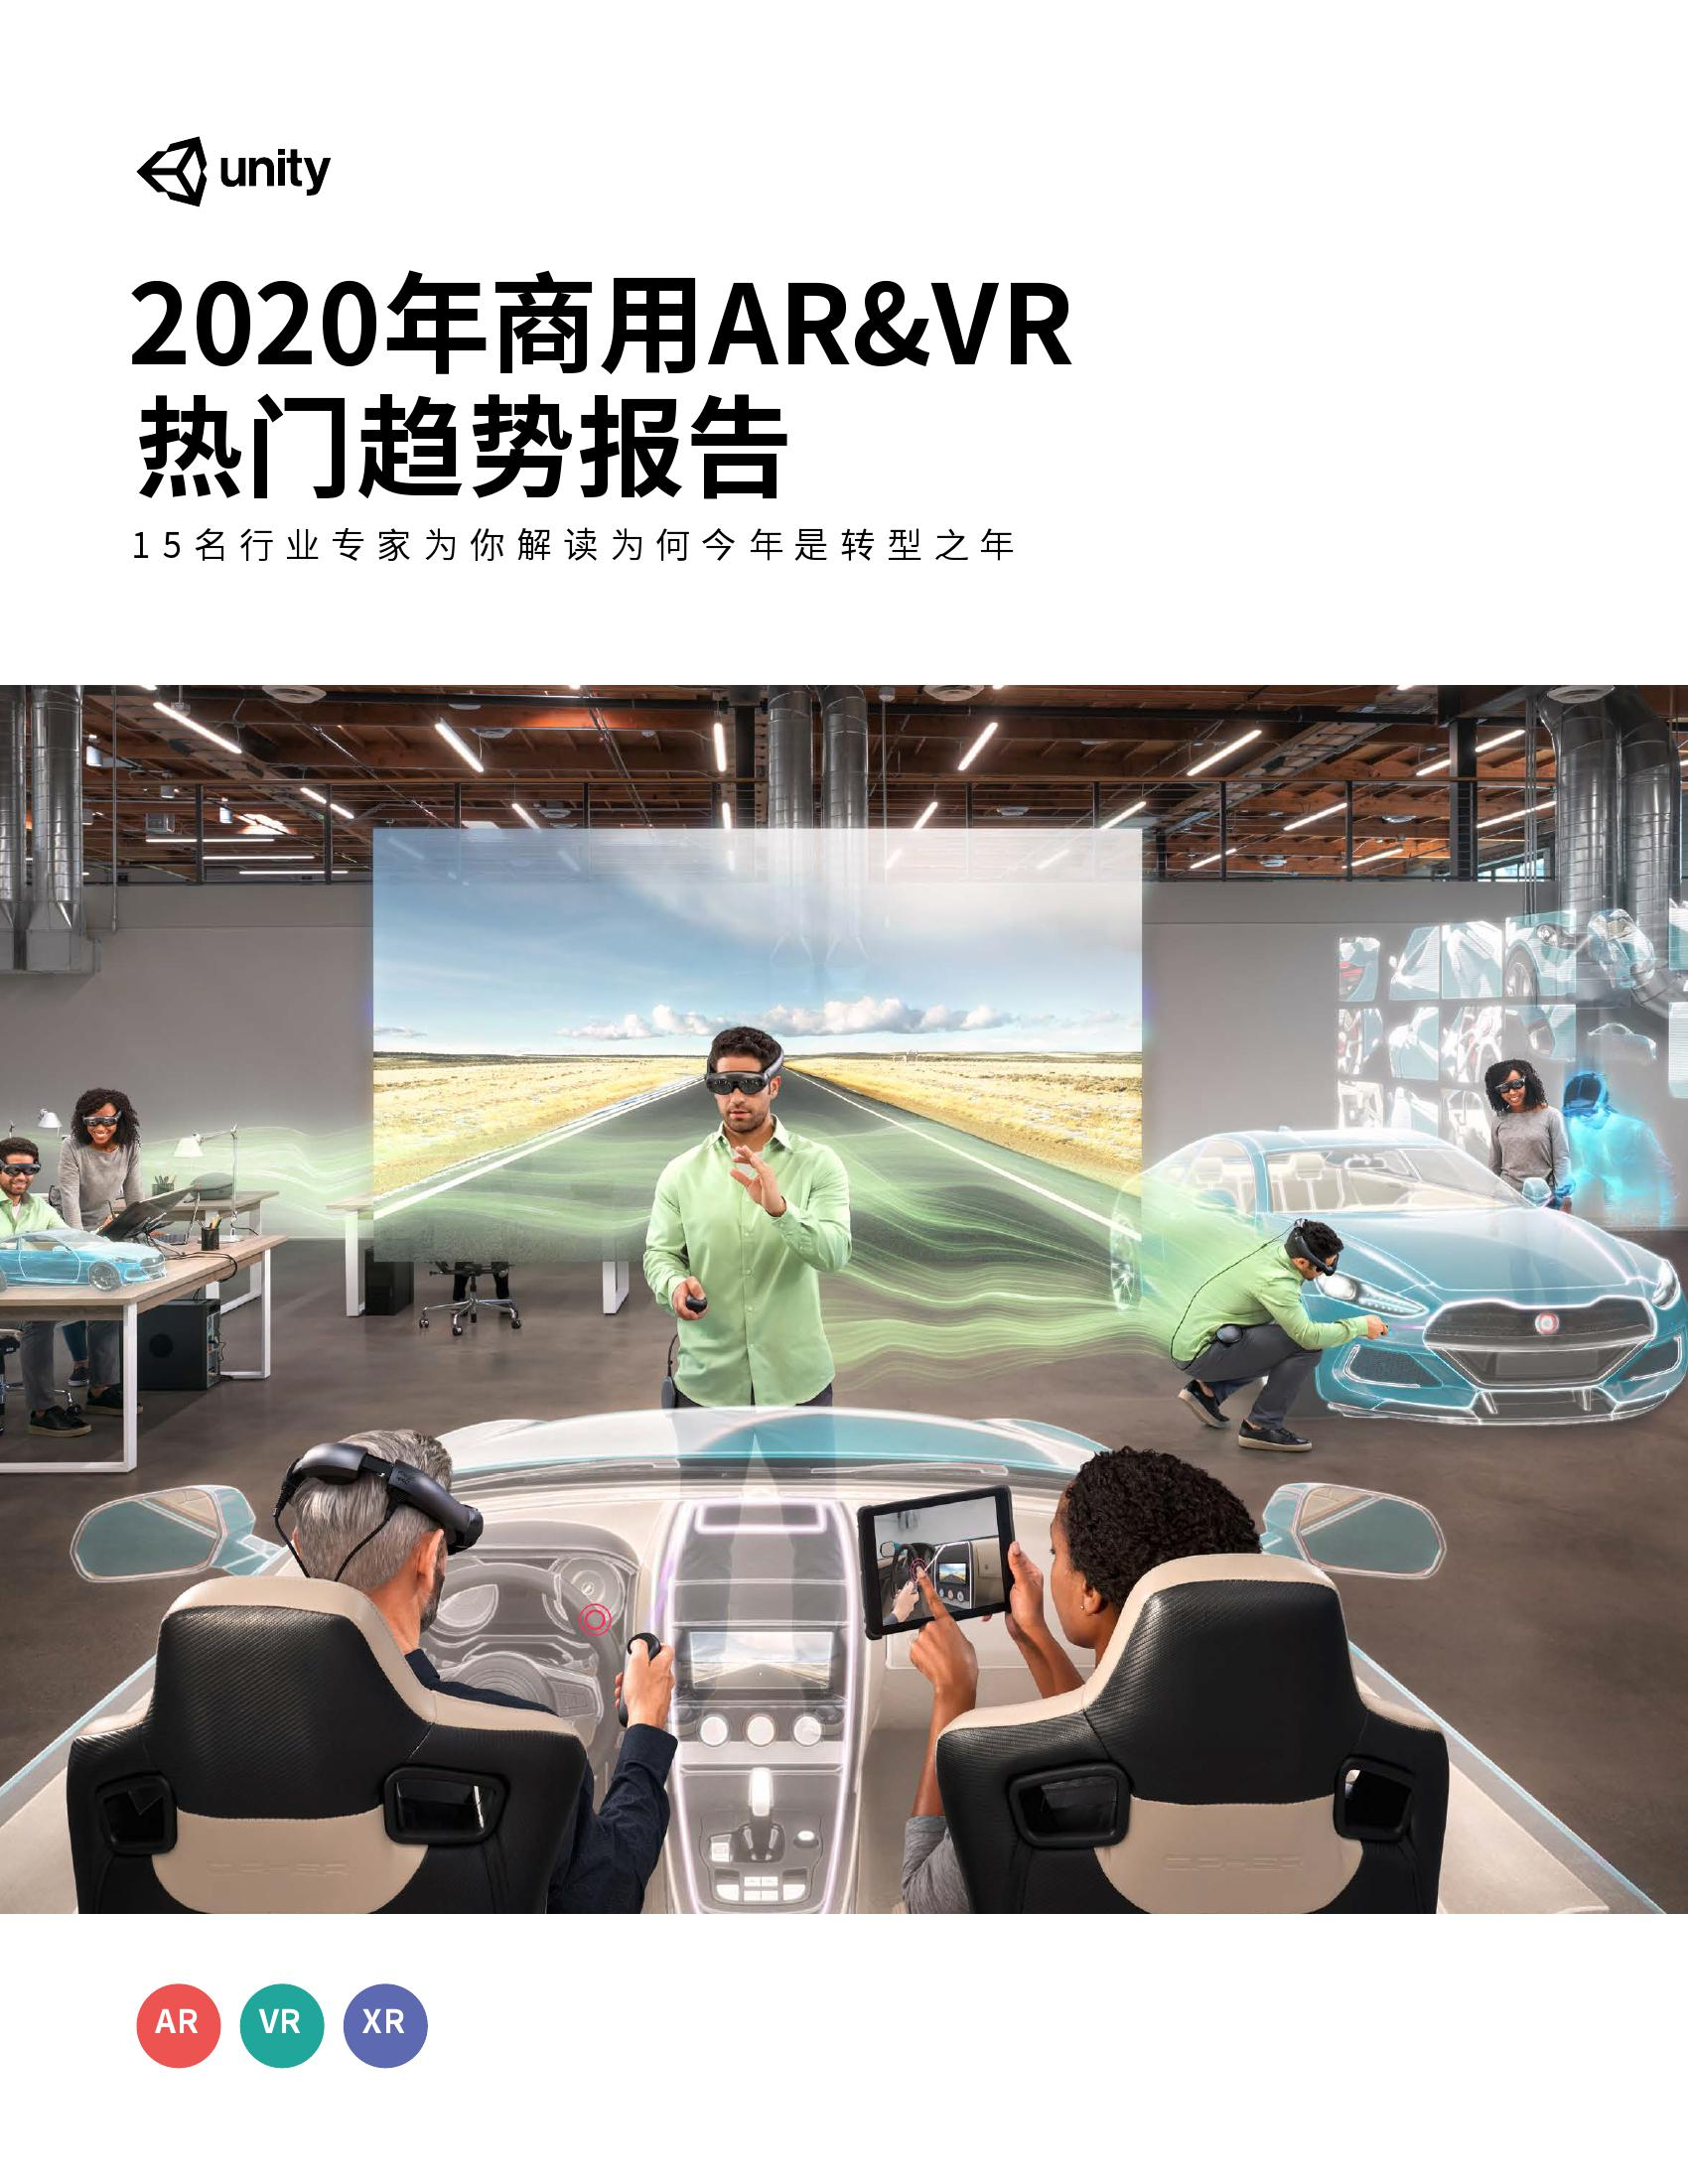 Unity:2020年商用AR/VR热门趋势报告(附下载)